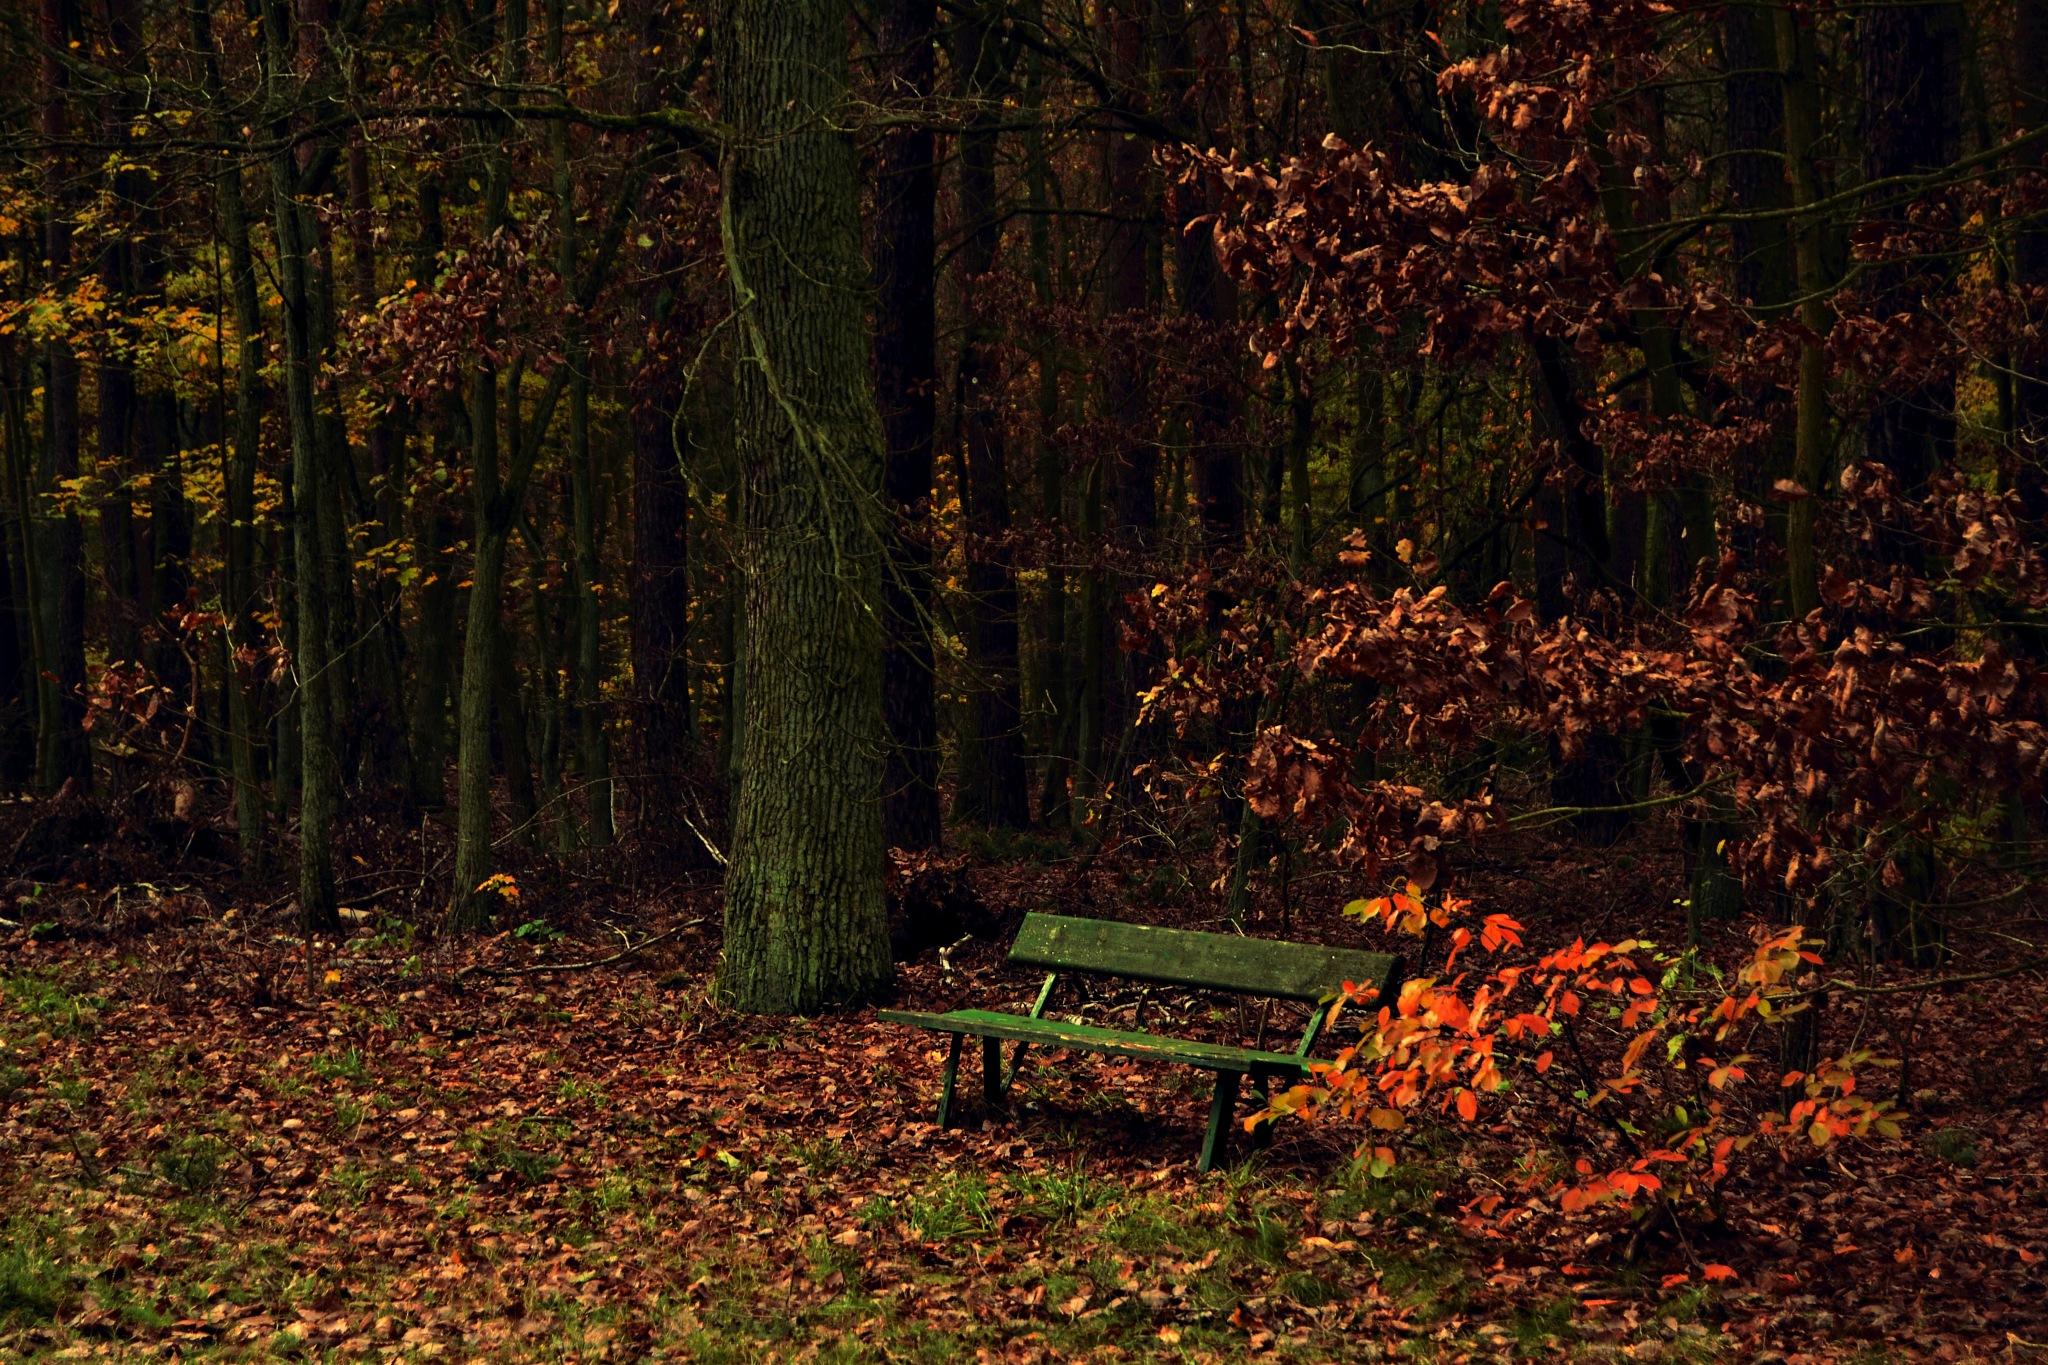 Im Wald by Laura Lehmann